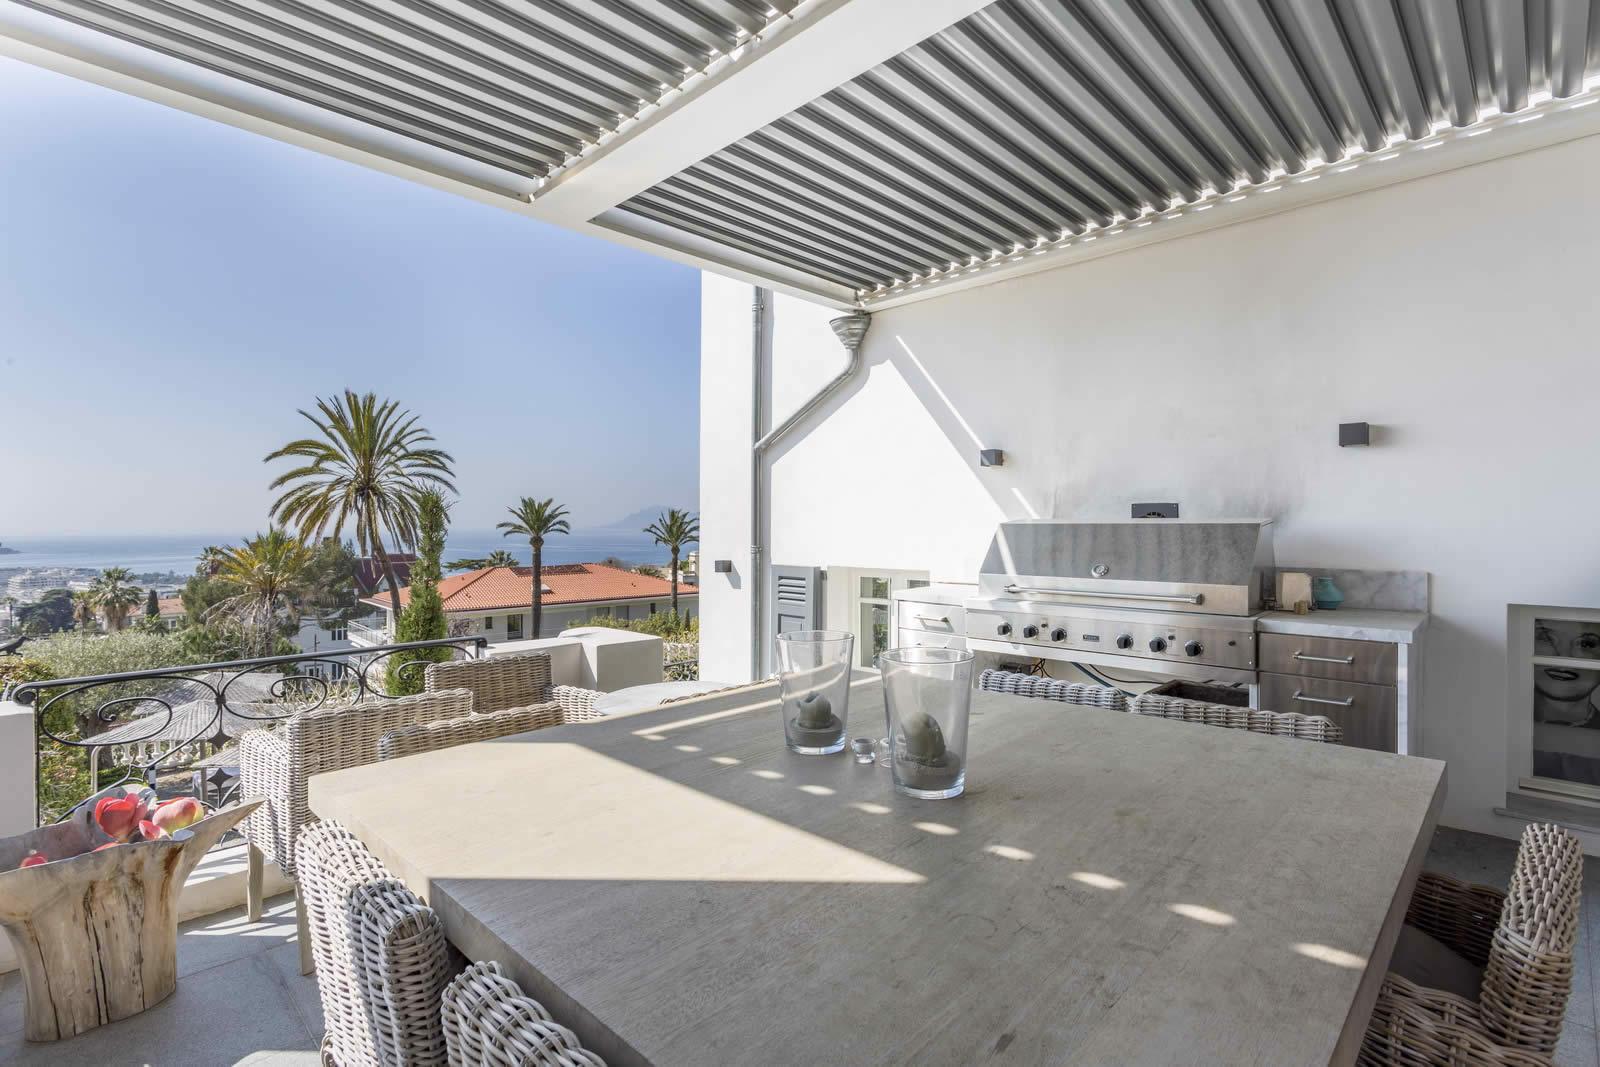 Villa de luxe louer pour vos vacances la californie cannes jardin arbor appartement - Villa de vacances luxe location think ...